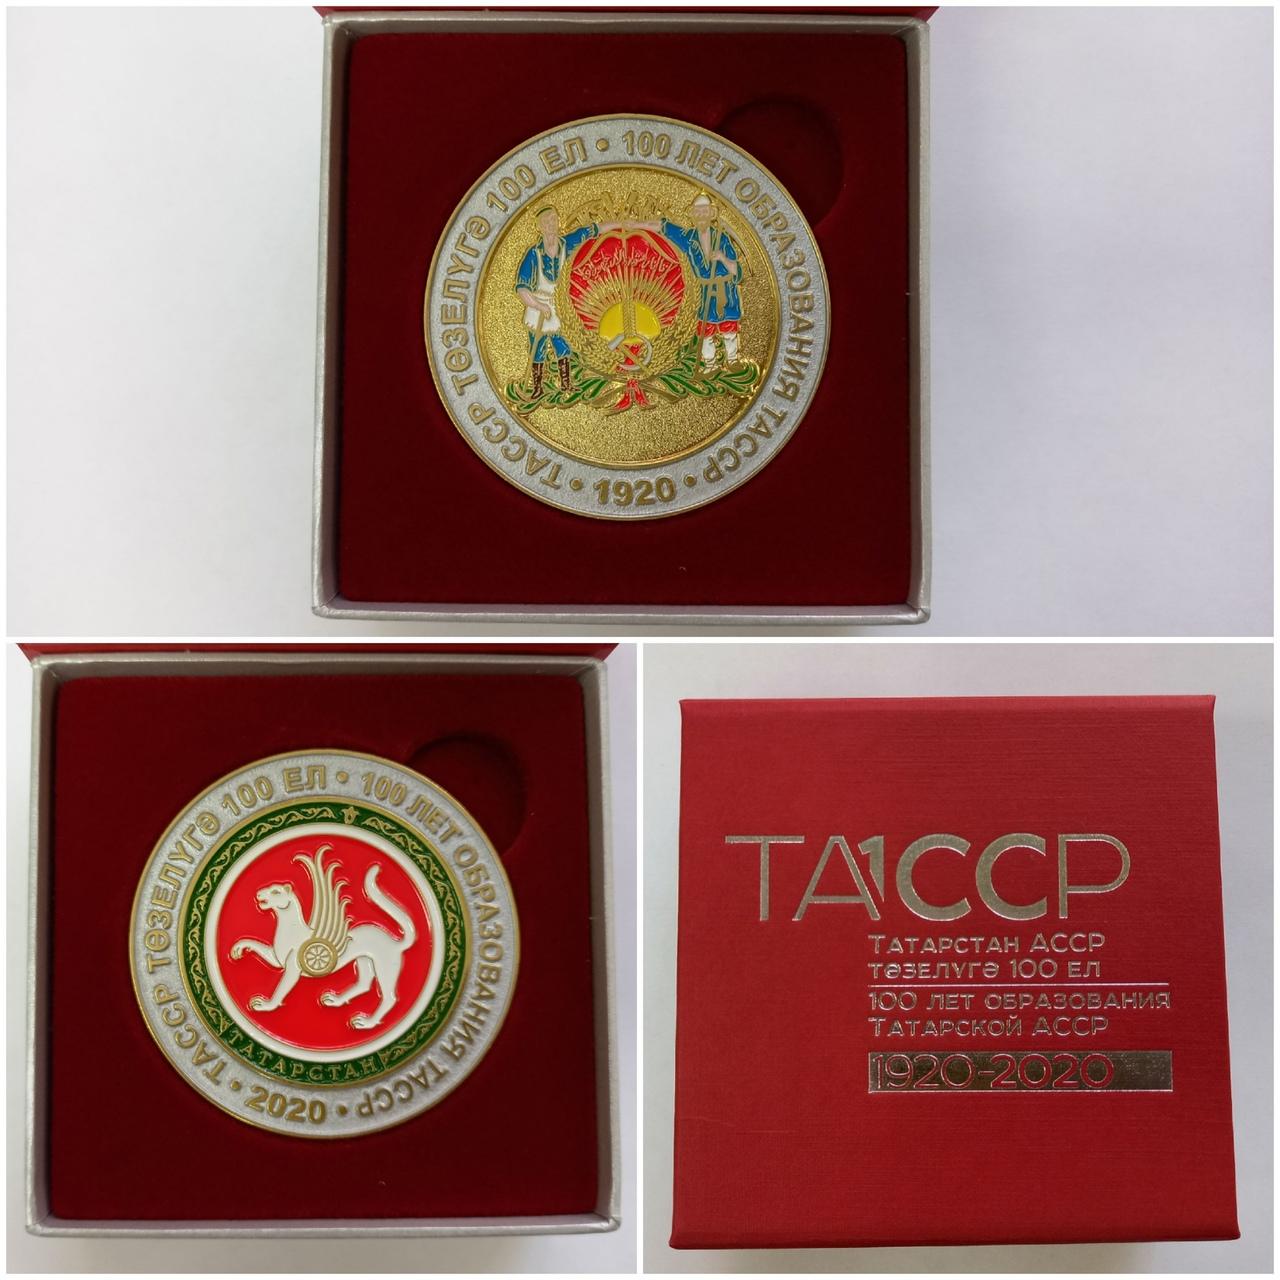 Памятный знак «100-летие образования Татарской АССР»